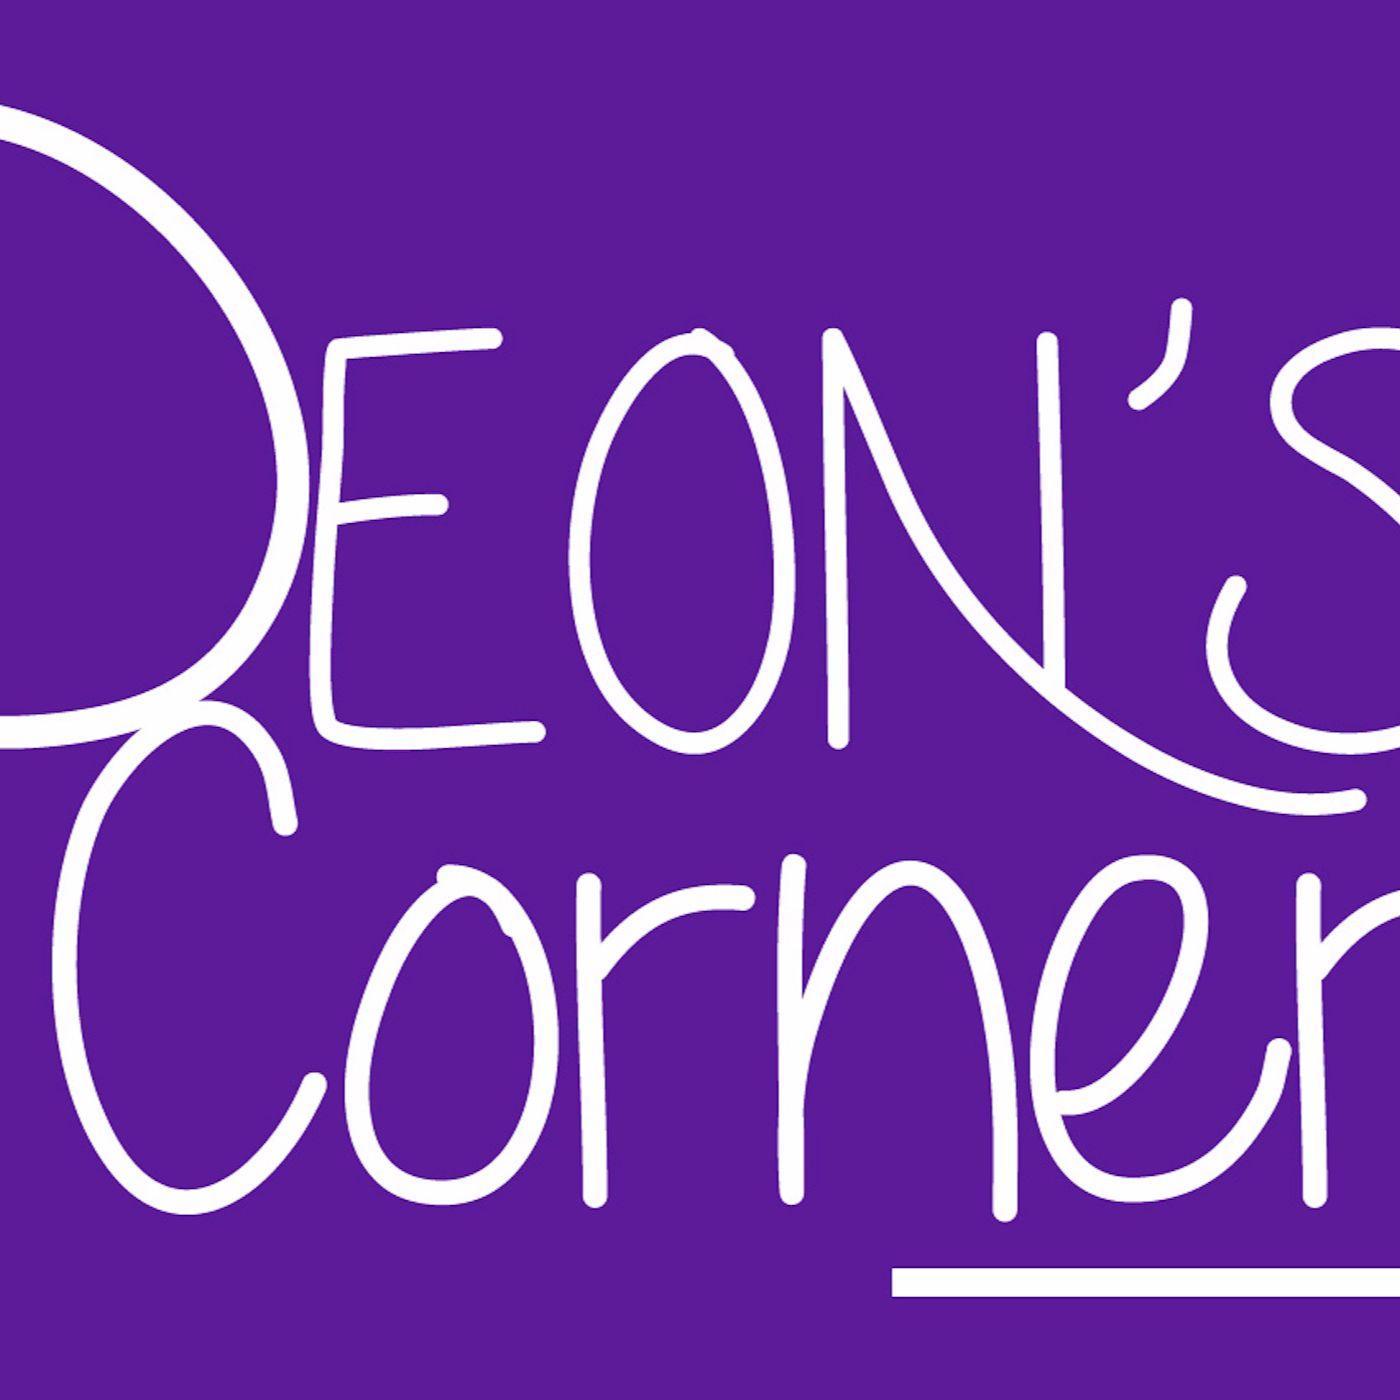 Deon's Corner